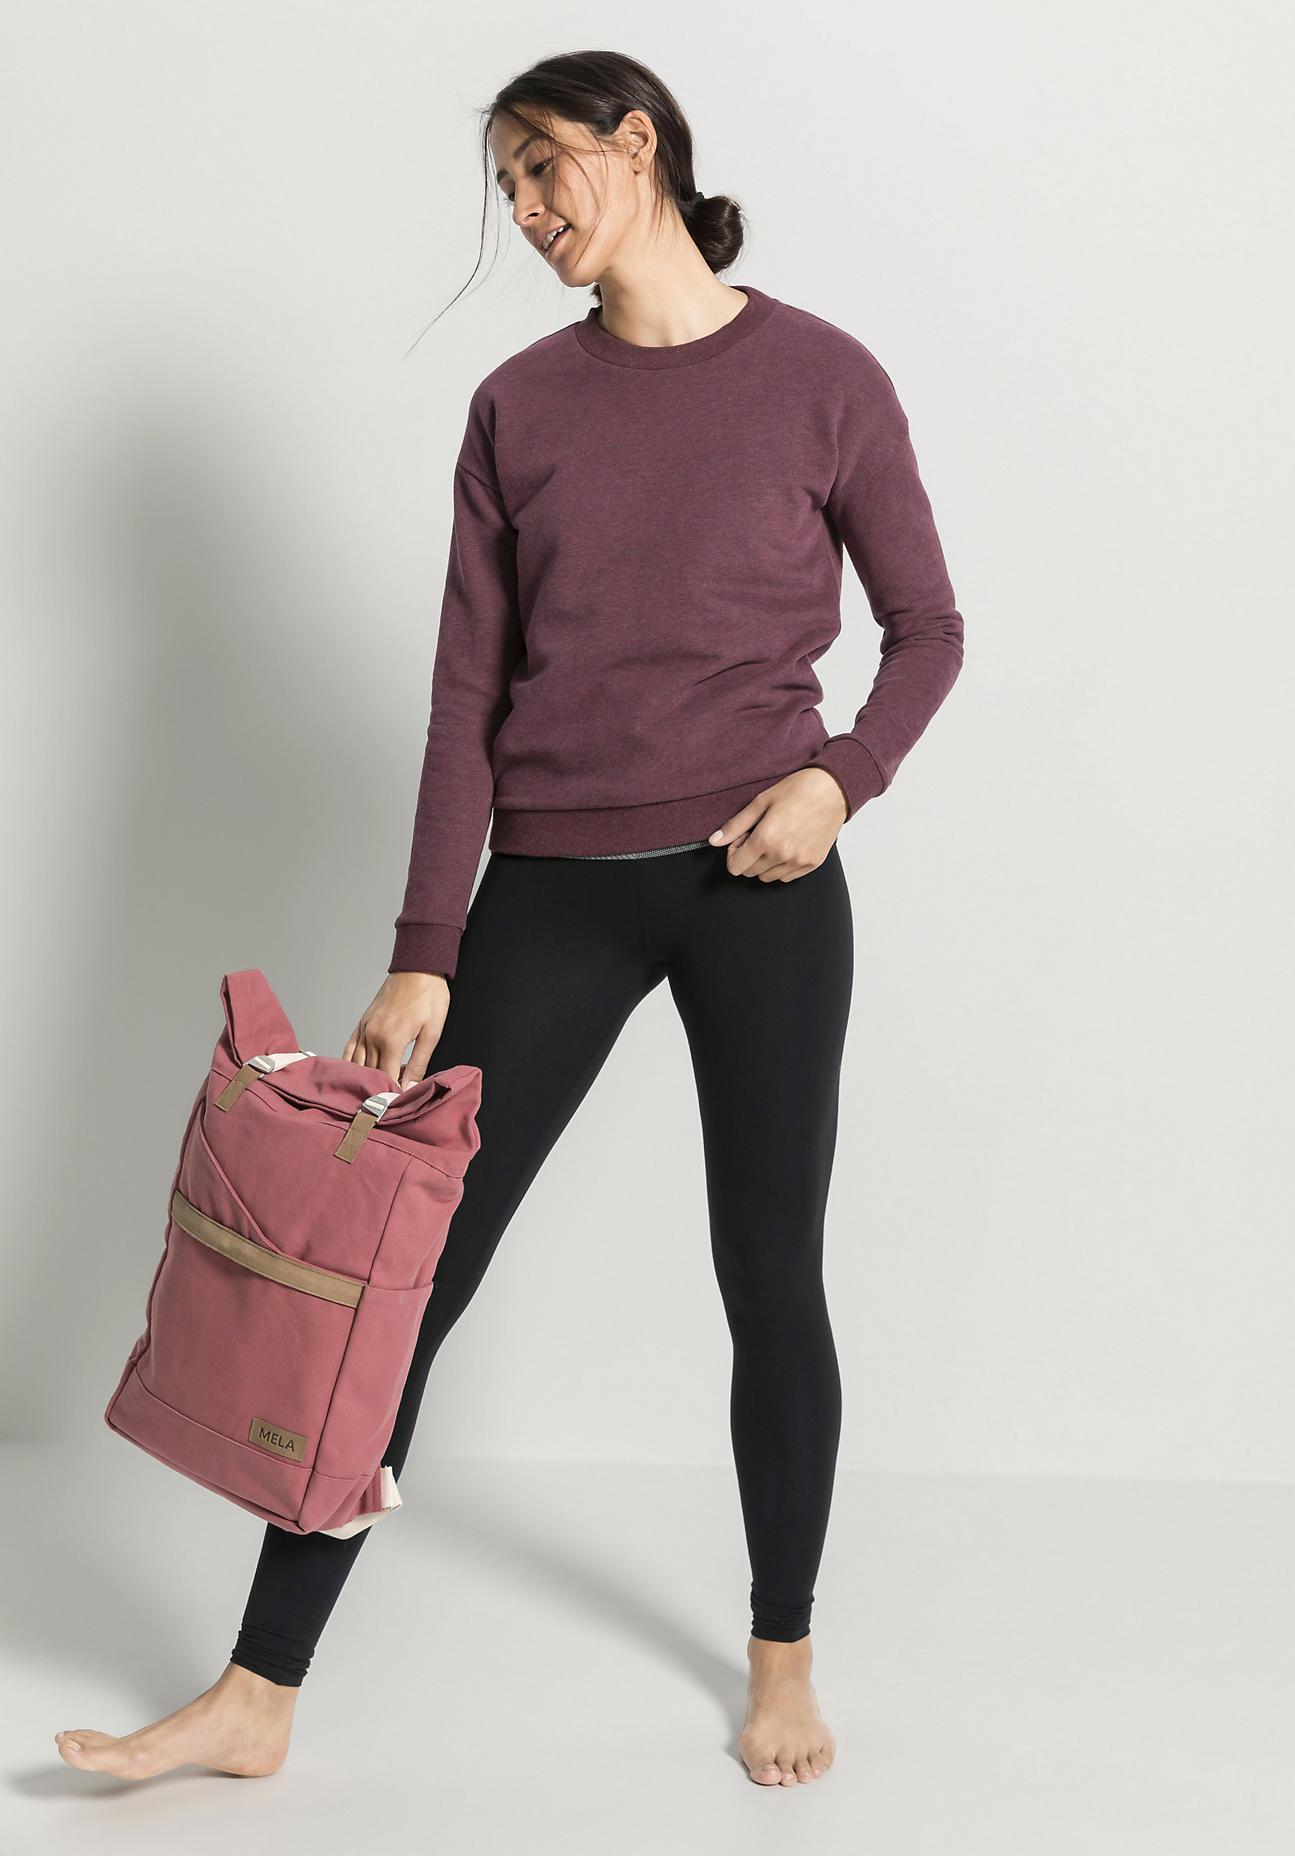 hessnatur Damen Rucksack Ansvar aus Bio-Baumwolle - rosa Größe One Size